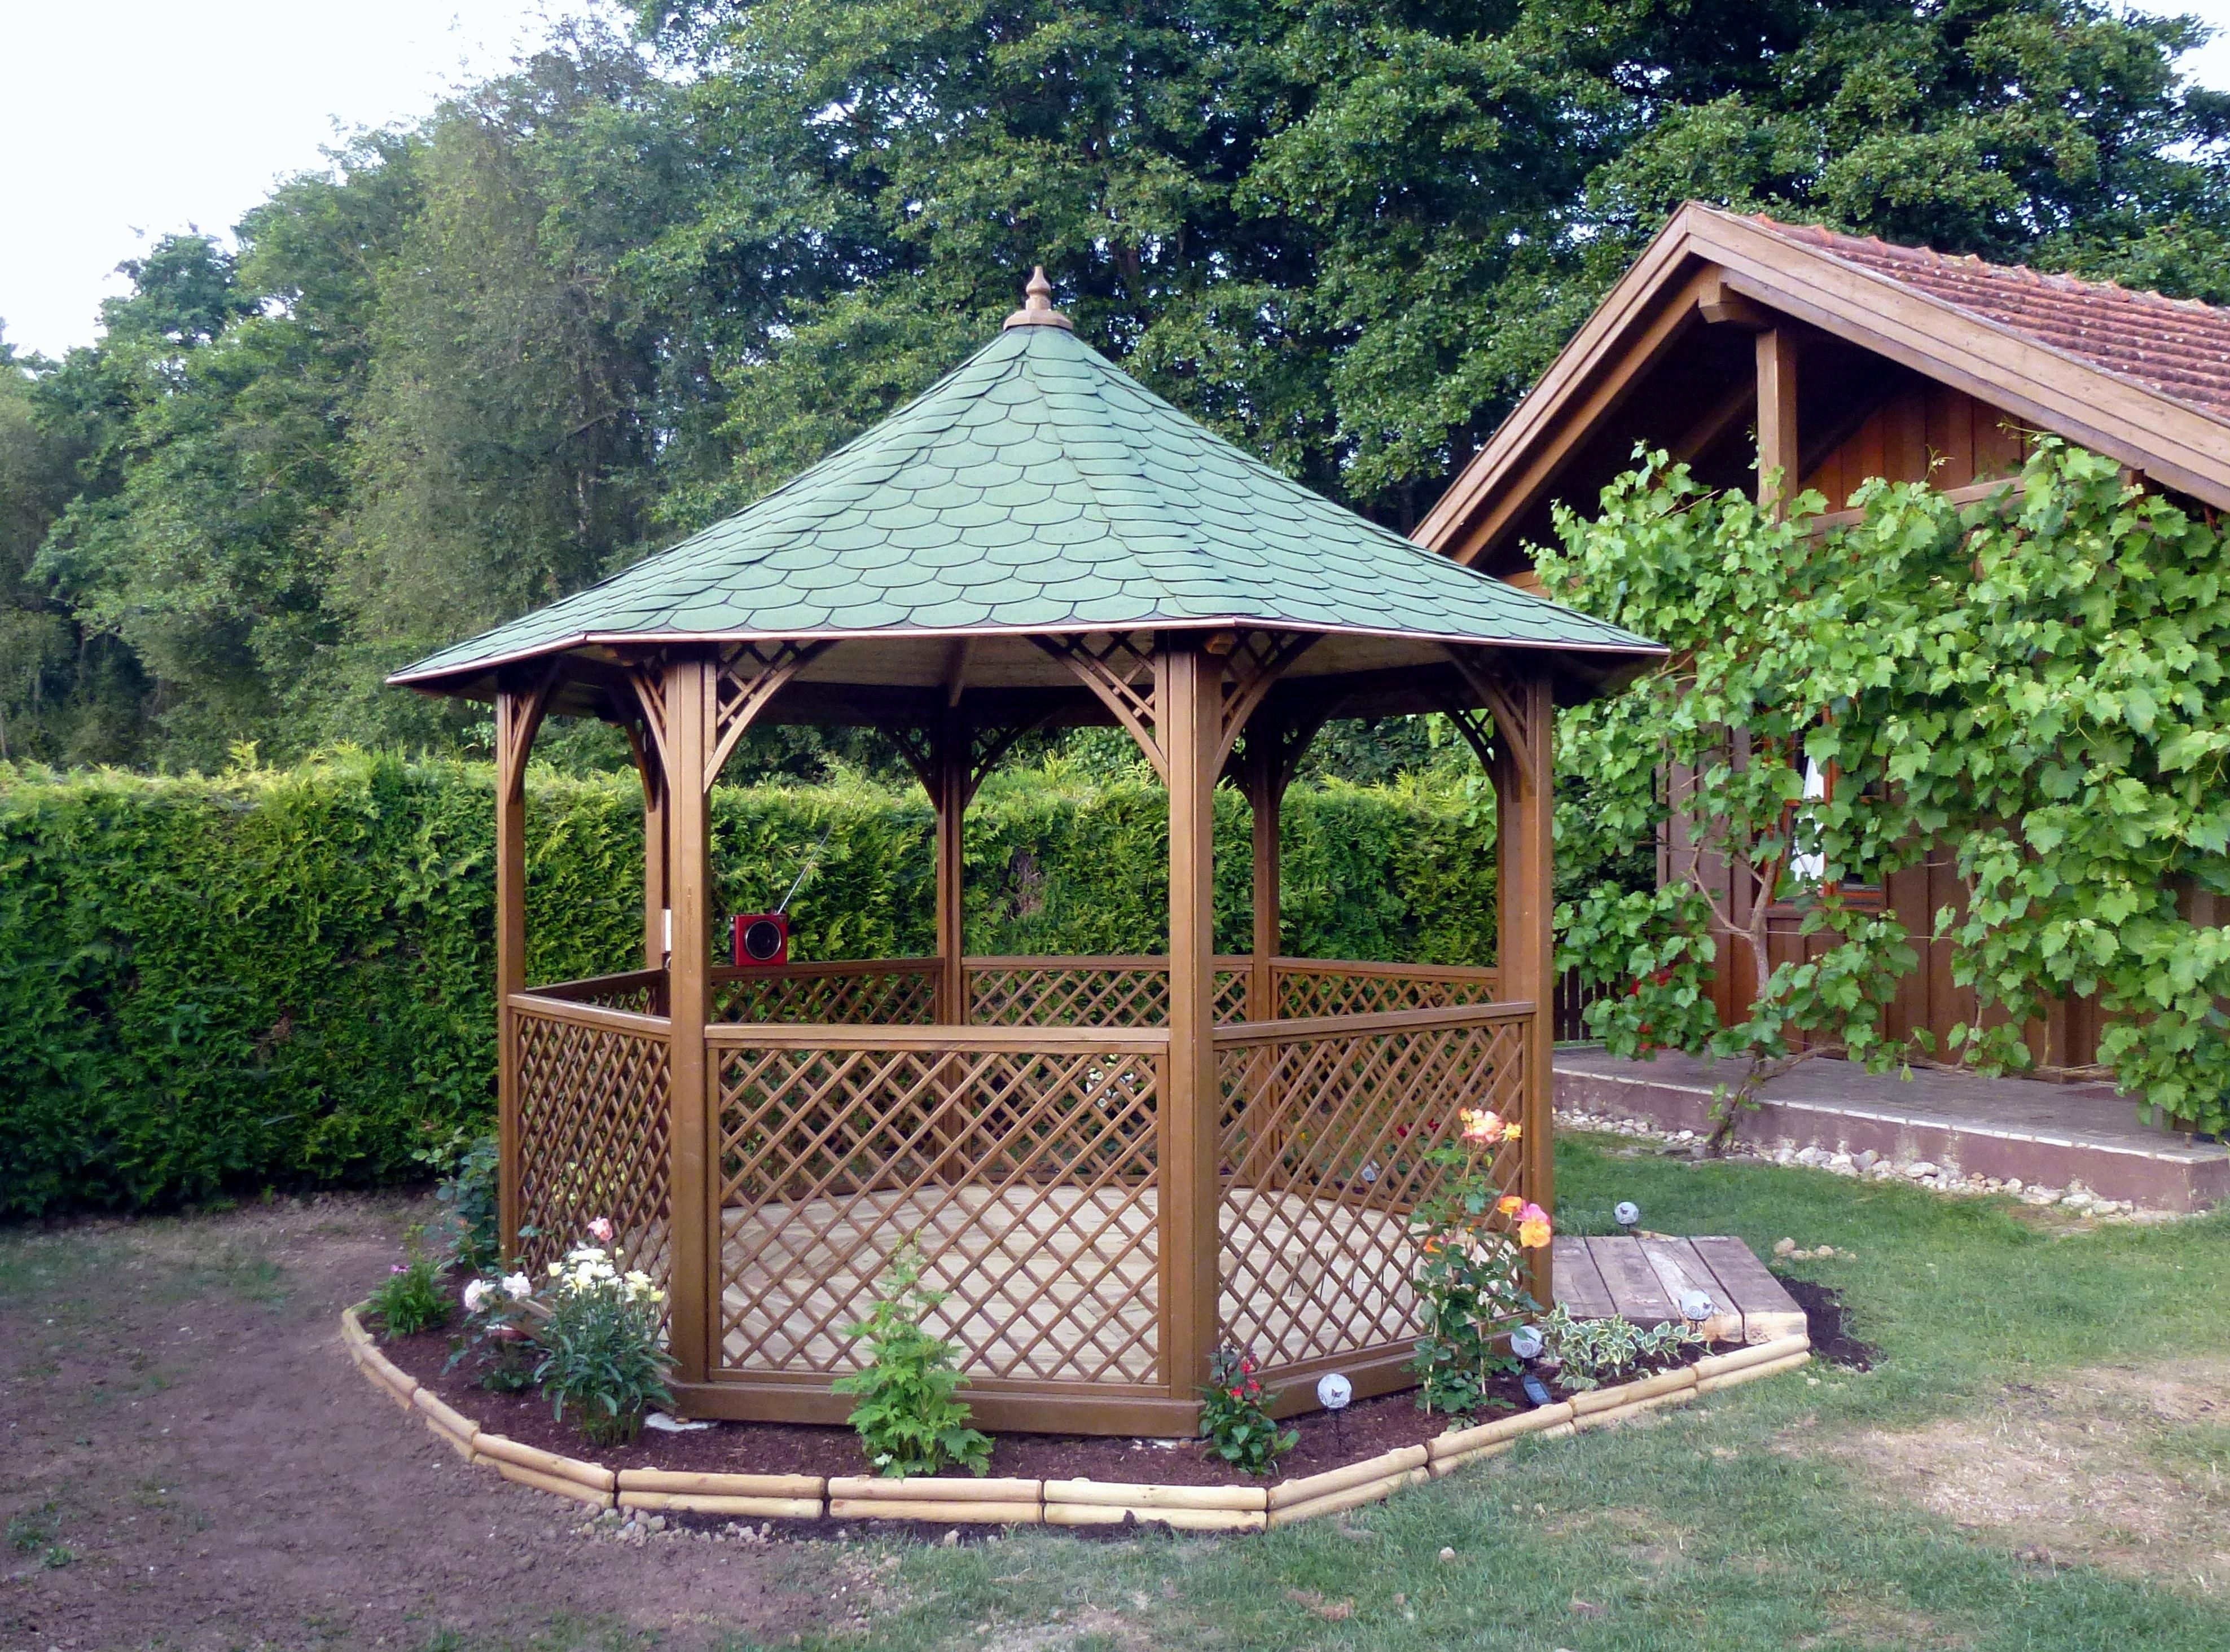 Brico Depot Bordure Jardin Nouveau Photographie Bordure De Jardin Beton Brico Depot Impressionnant Bordure De Jardin